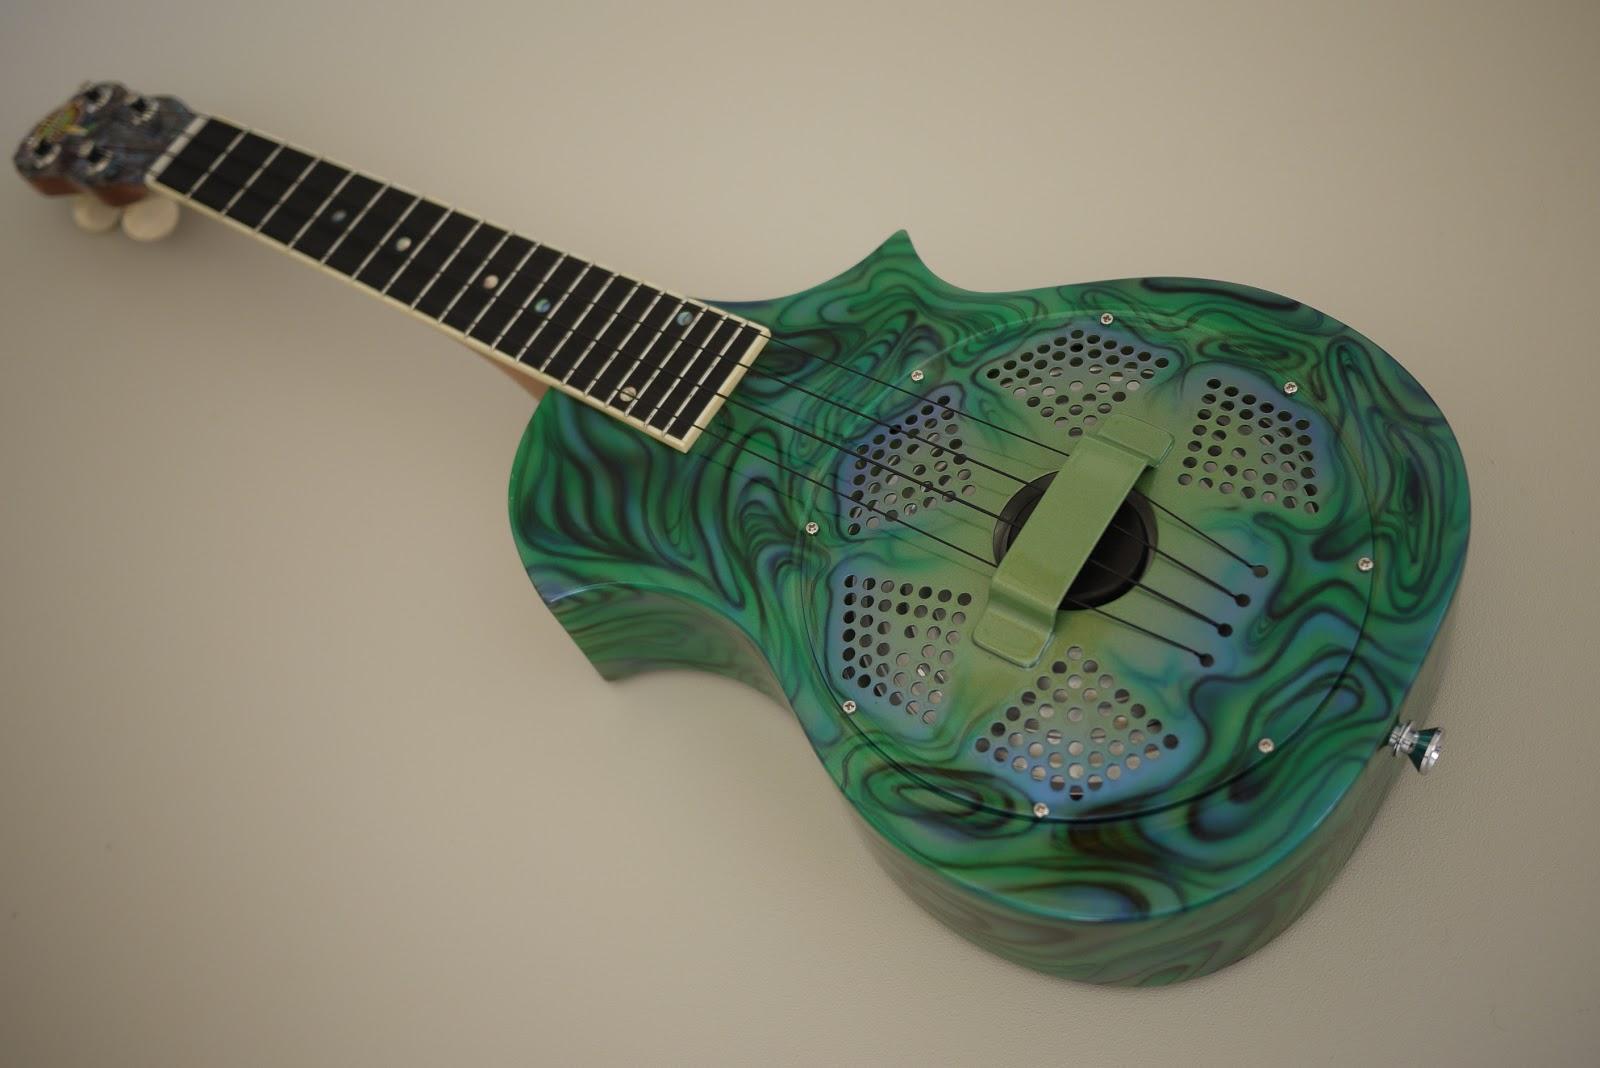 beltona resonator instruments guitars and ukuleles for sale. Black Bedroom Furniture Sets. Home Design Ideas